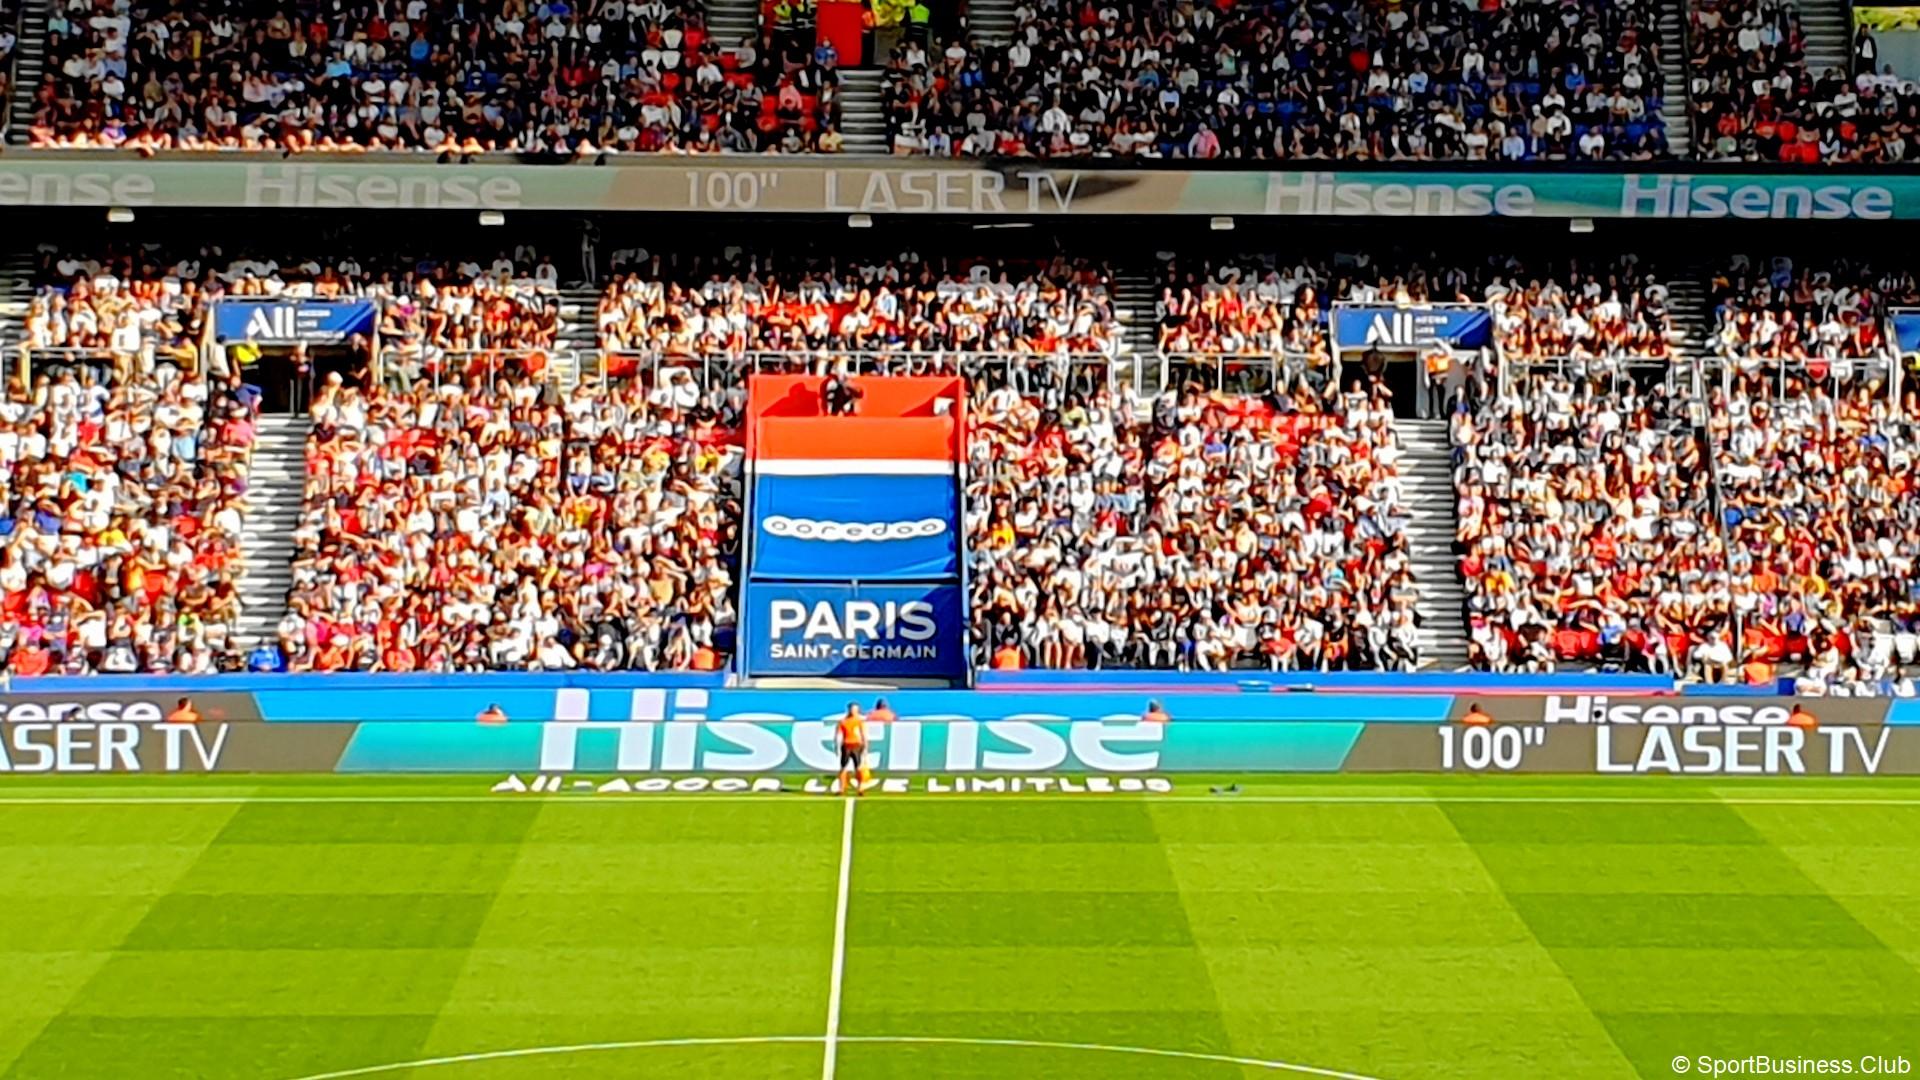 Hisense x Paris SG (football) Pub Leb